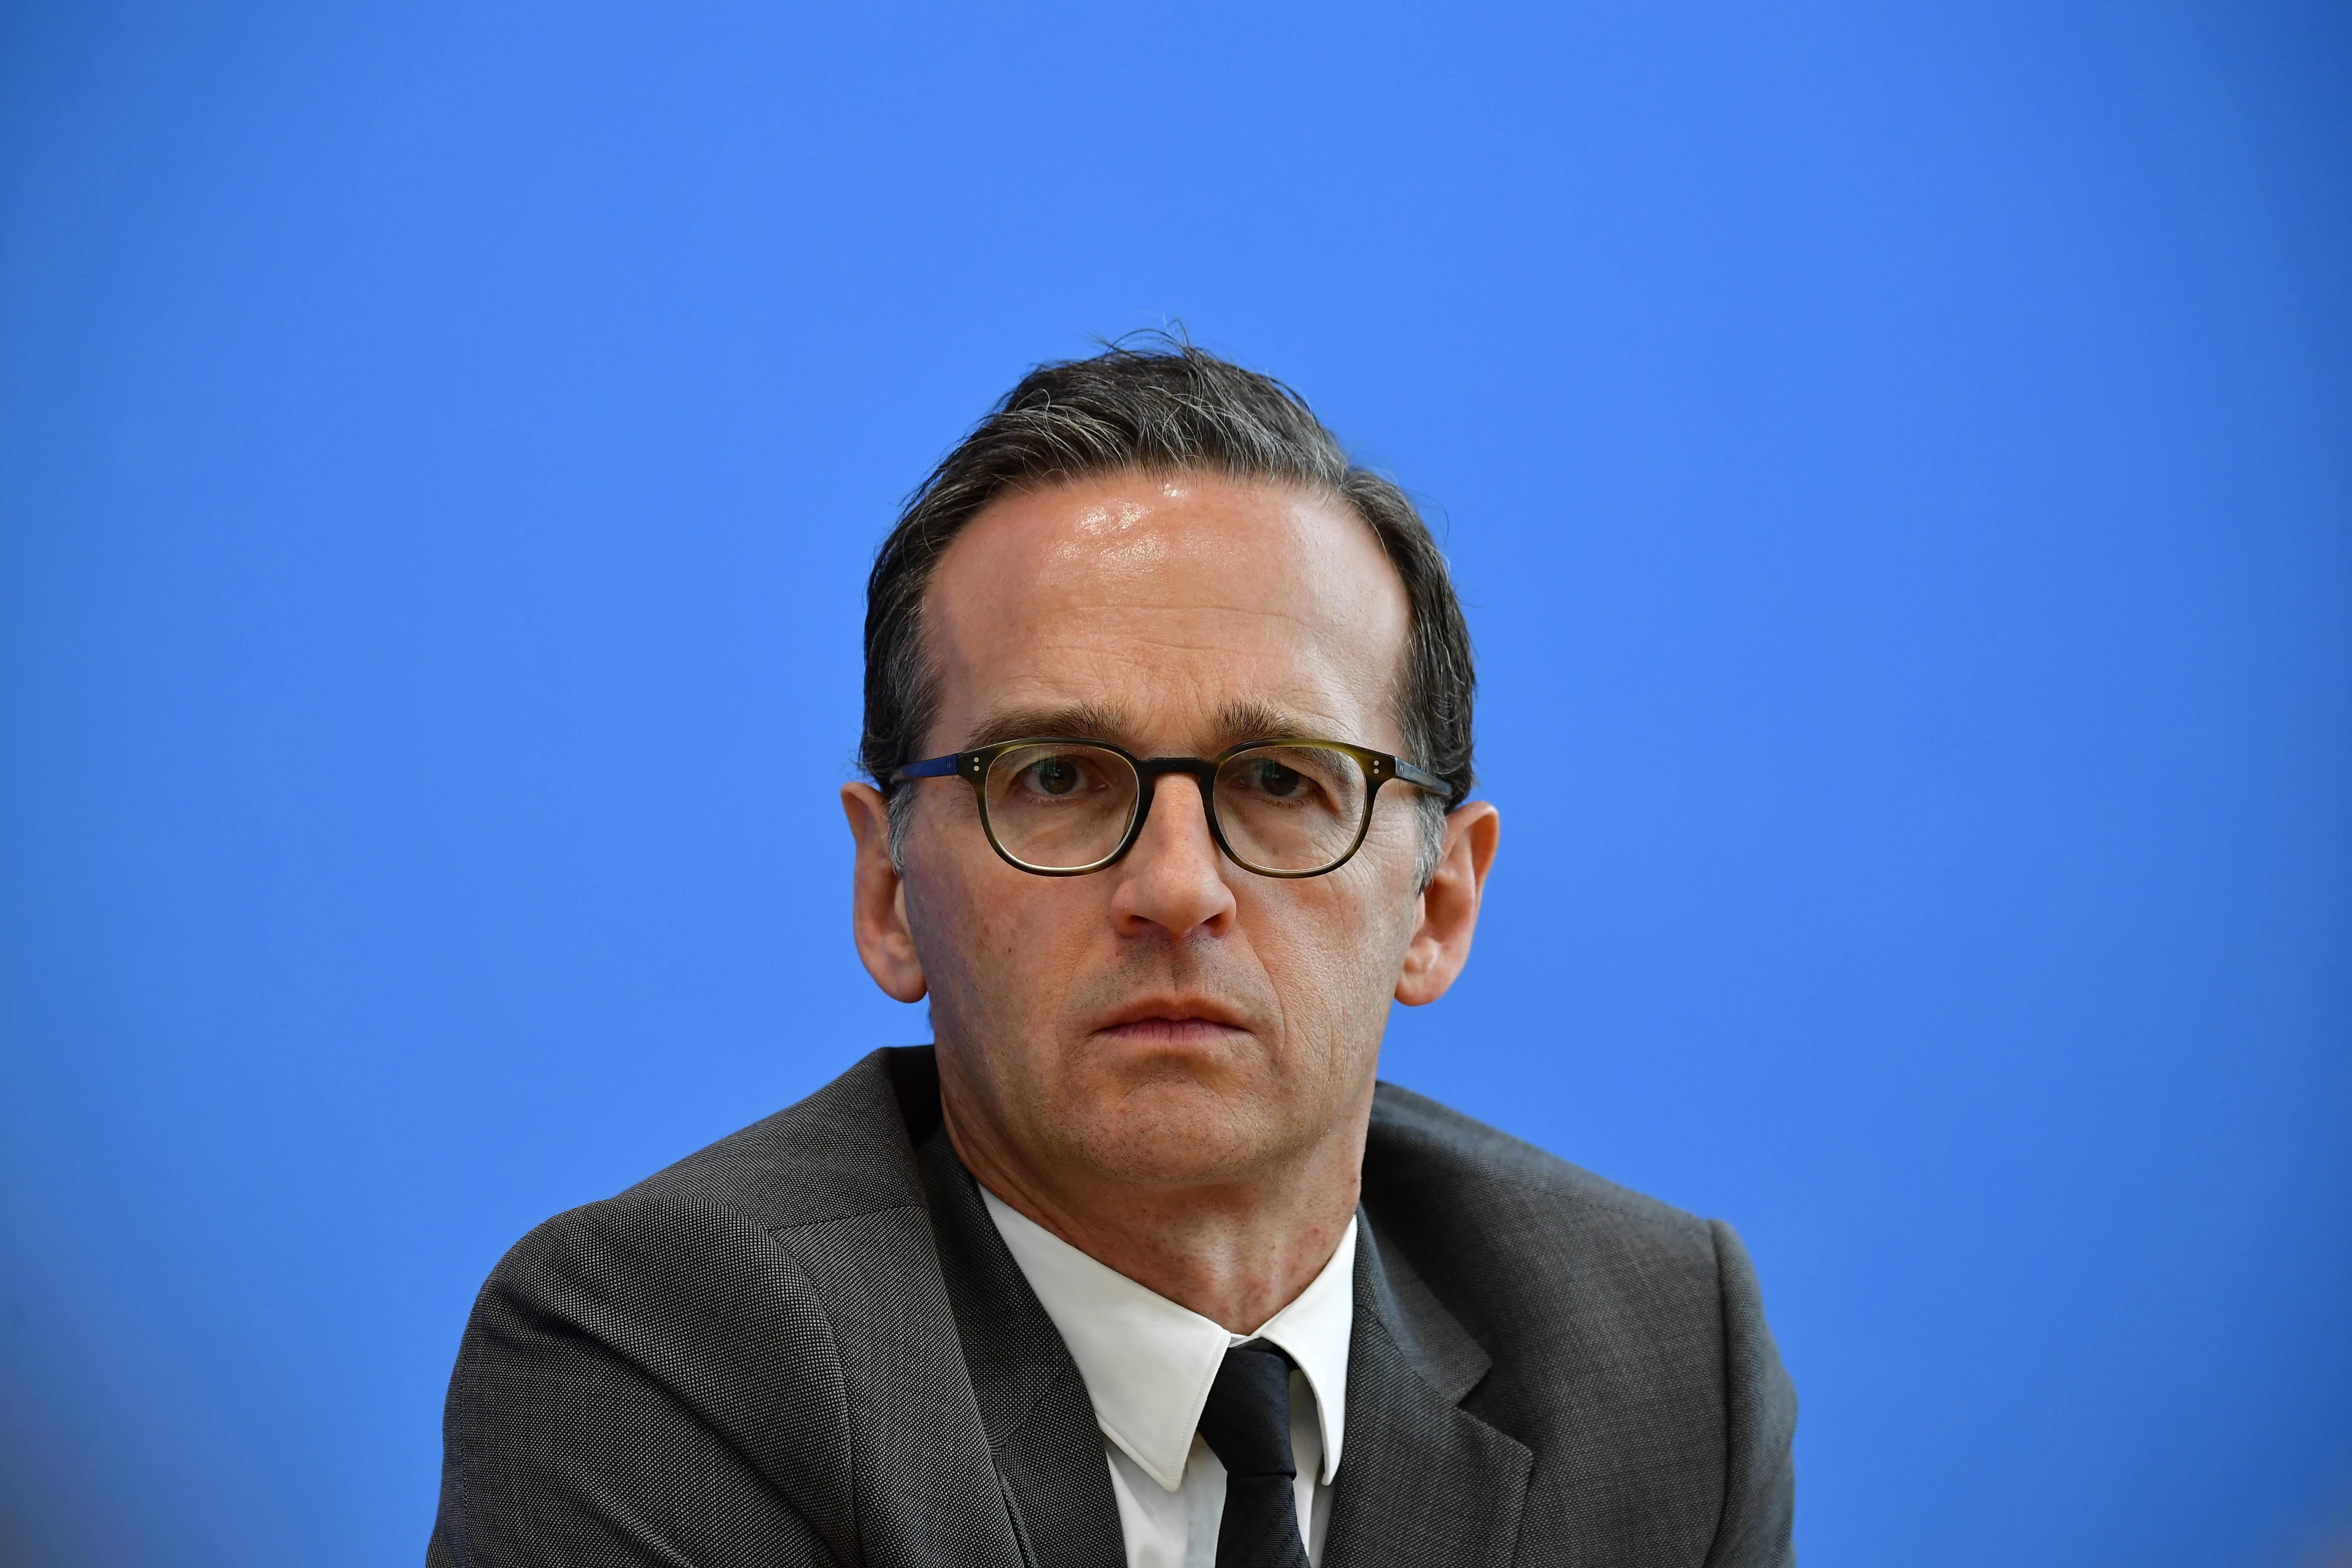 Heiko Maas: Az USA-nak át kellene gondolnia az oroszokkal kötött atomszerződés felmondásának következményeit